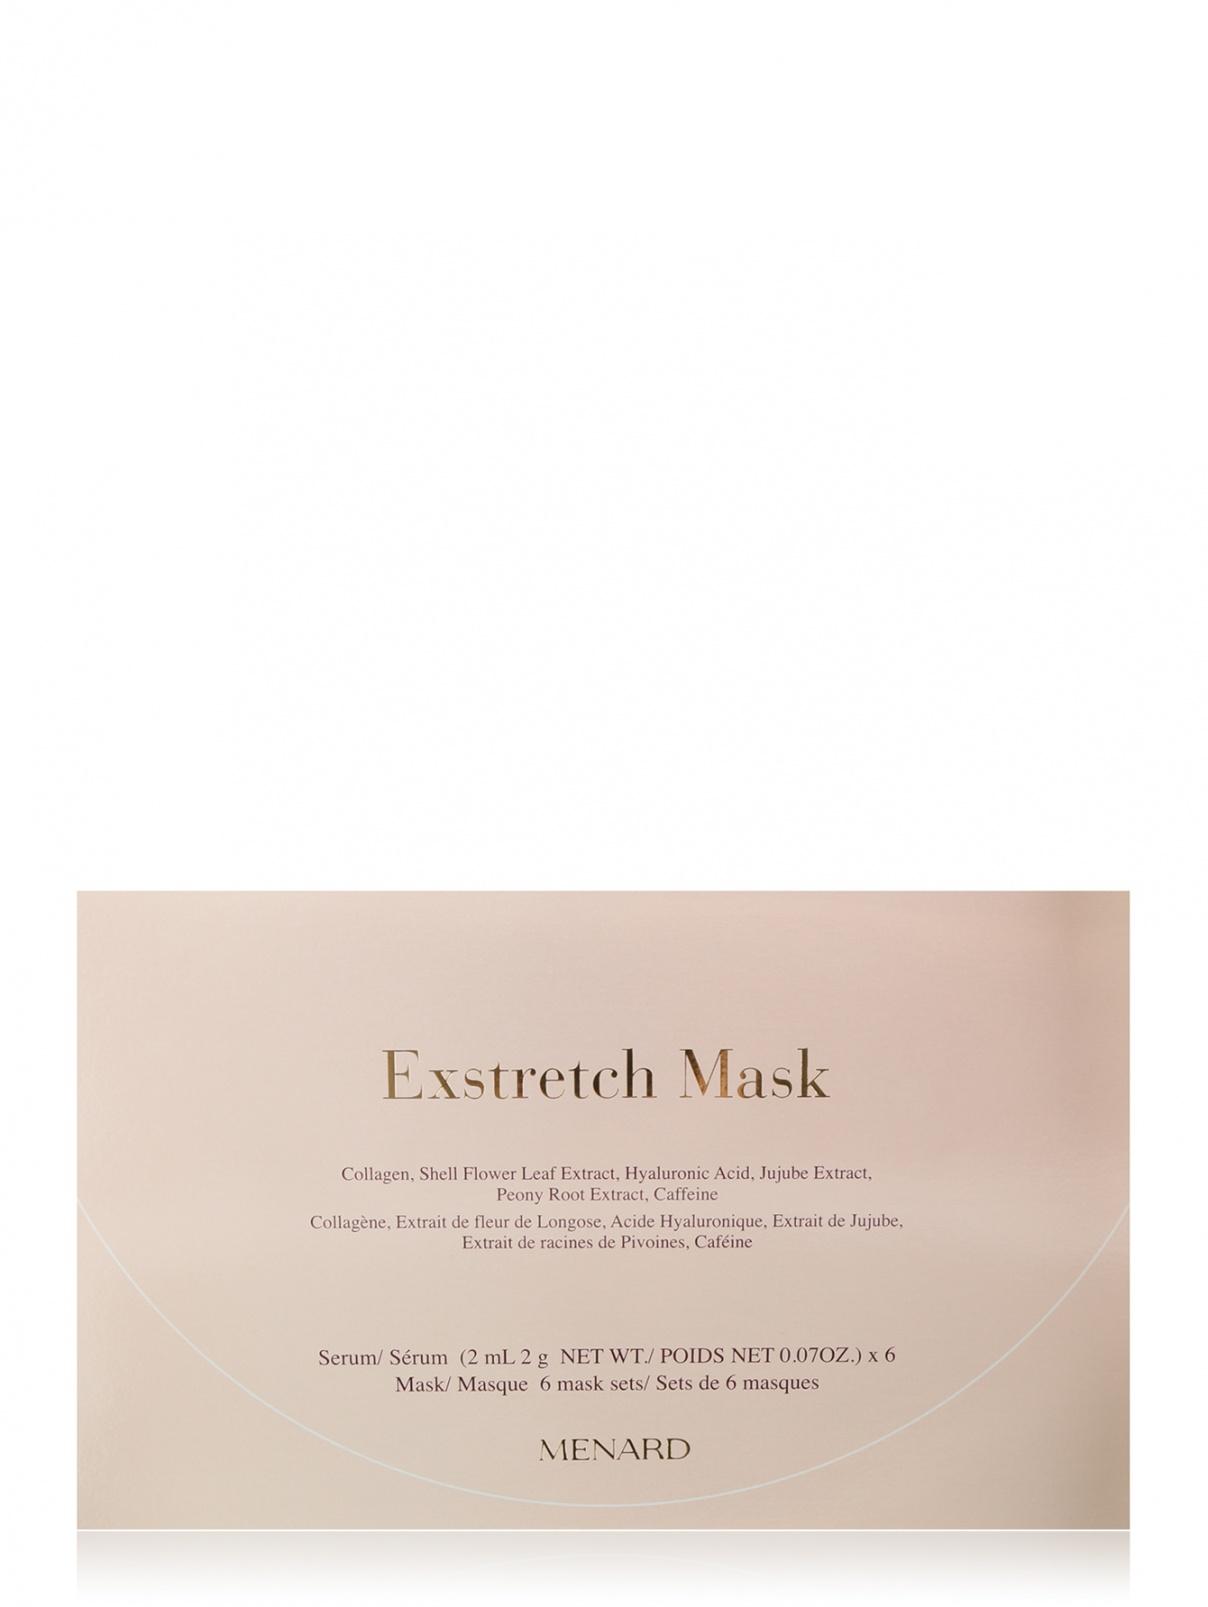 Омолаживающая маска 6 уп Exstretch Menard  –  Общий вид